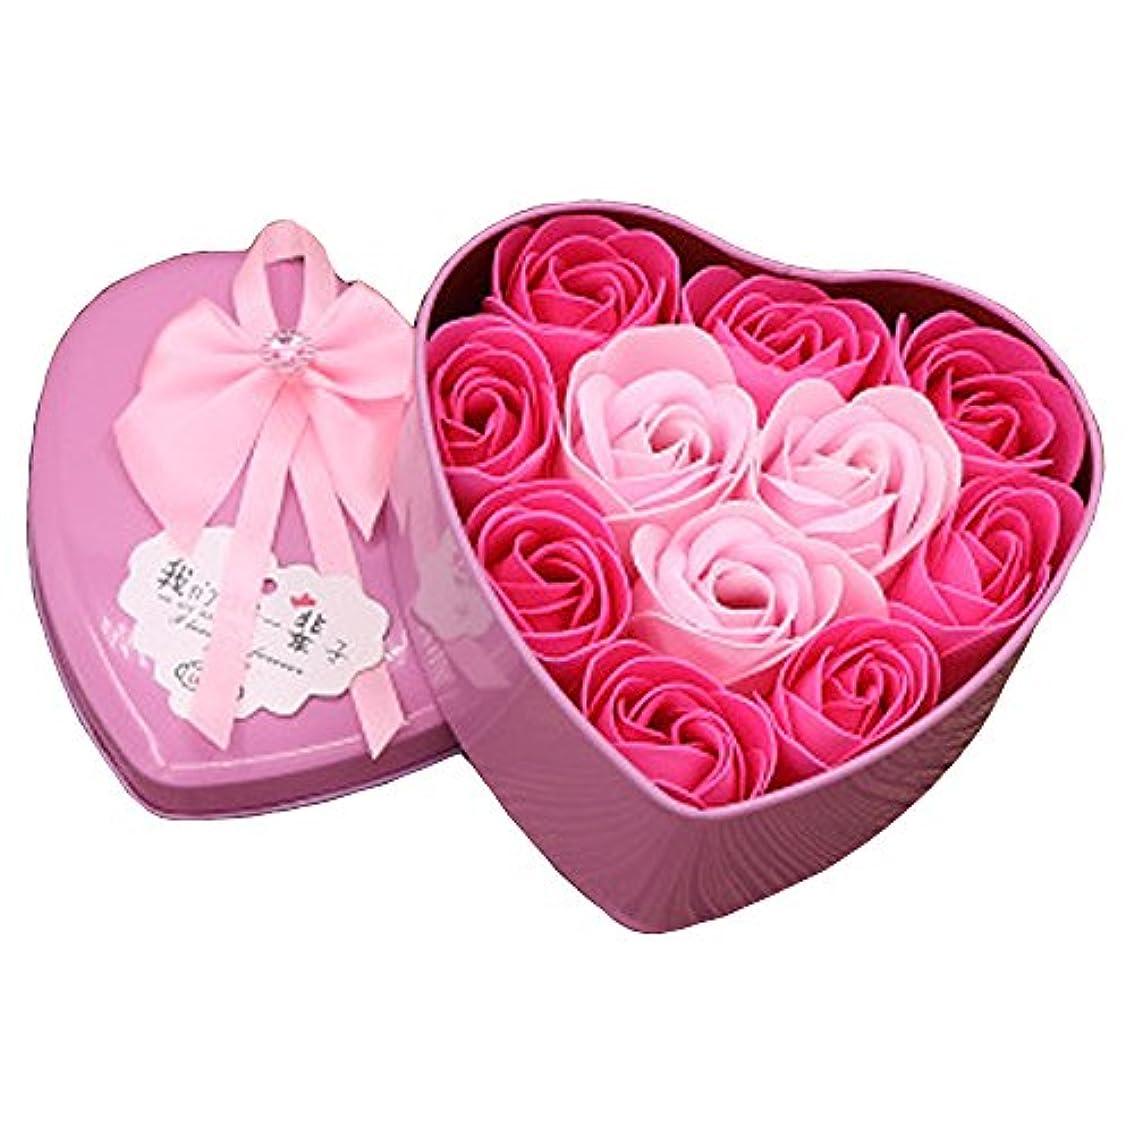 不機嫌ガス液化するiCoole ソープフラワー 石鹸花 ハードフラワー形状 ギフトボックス入り 母の日 バレンタインデー お誕生日 ギフト